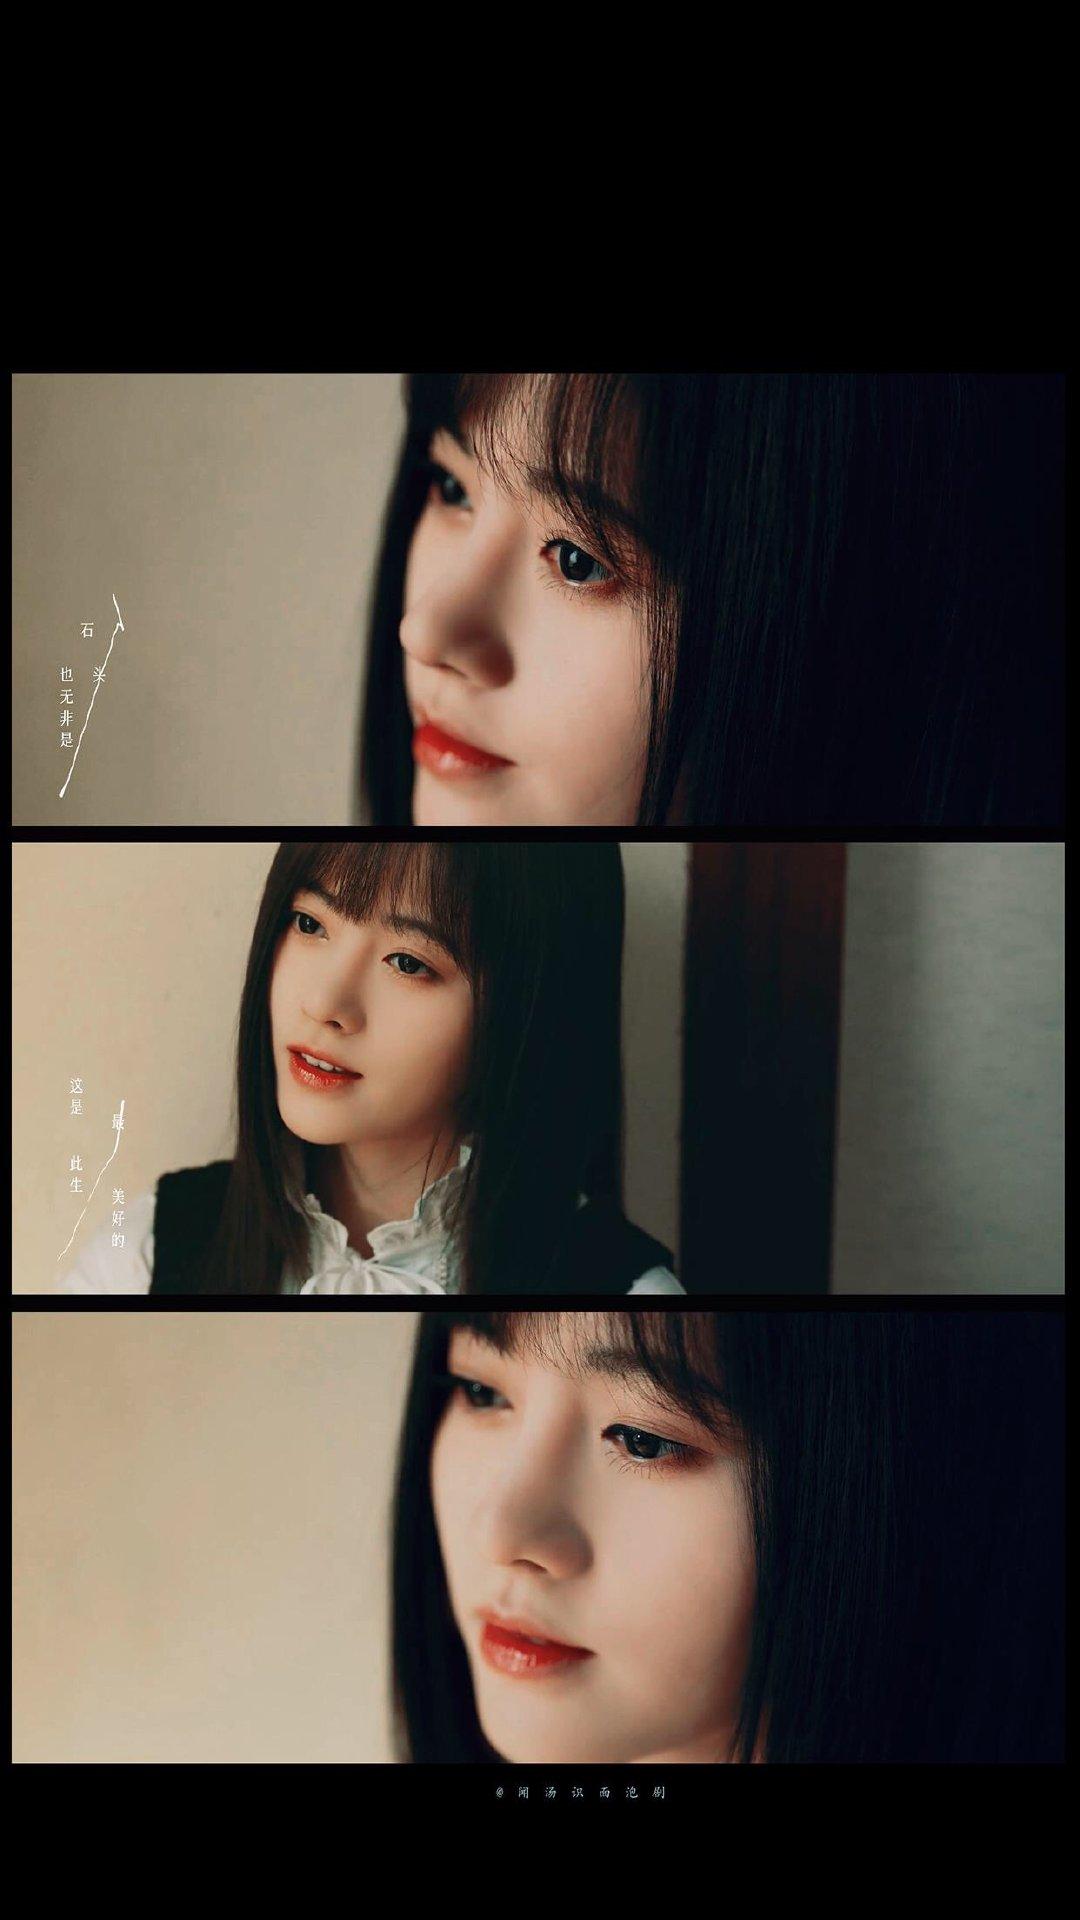 初恋脸明星鞠婧祎甜美日系手机壁纸